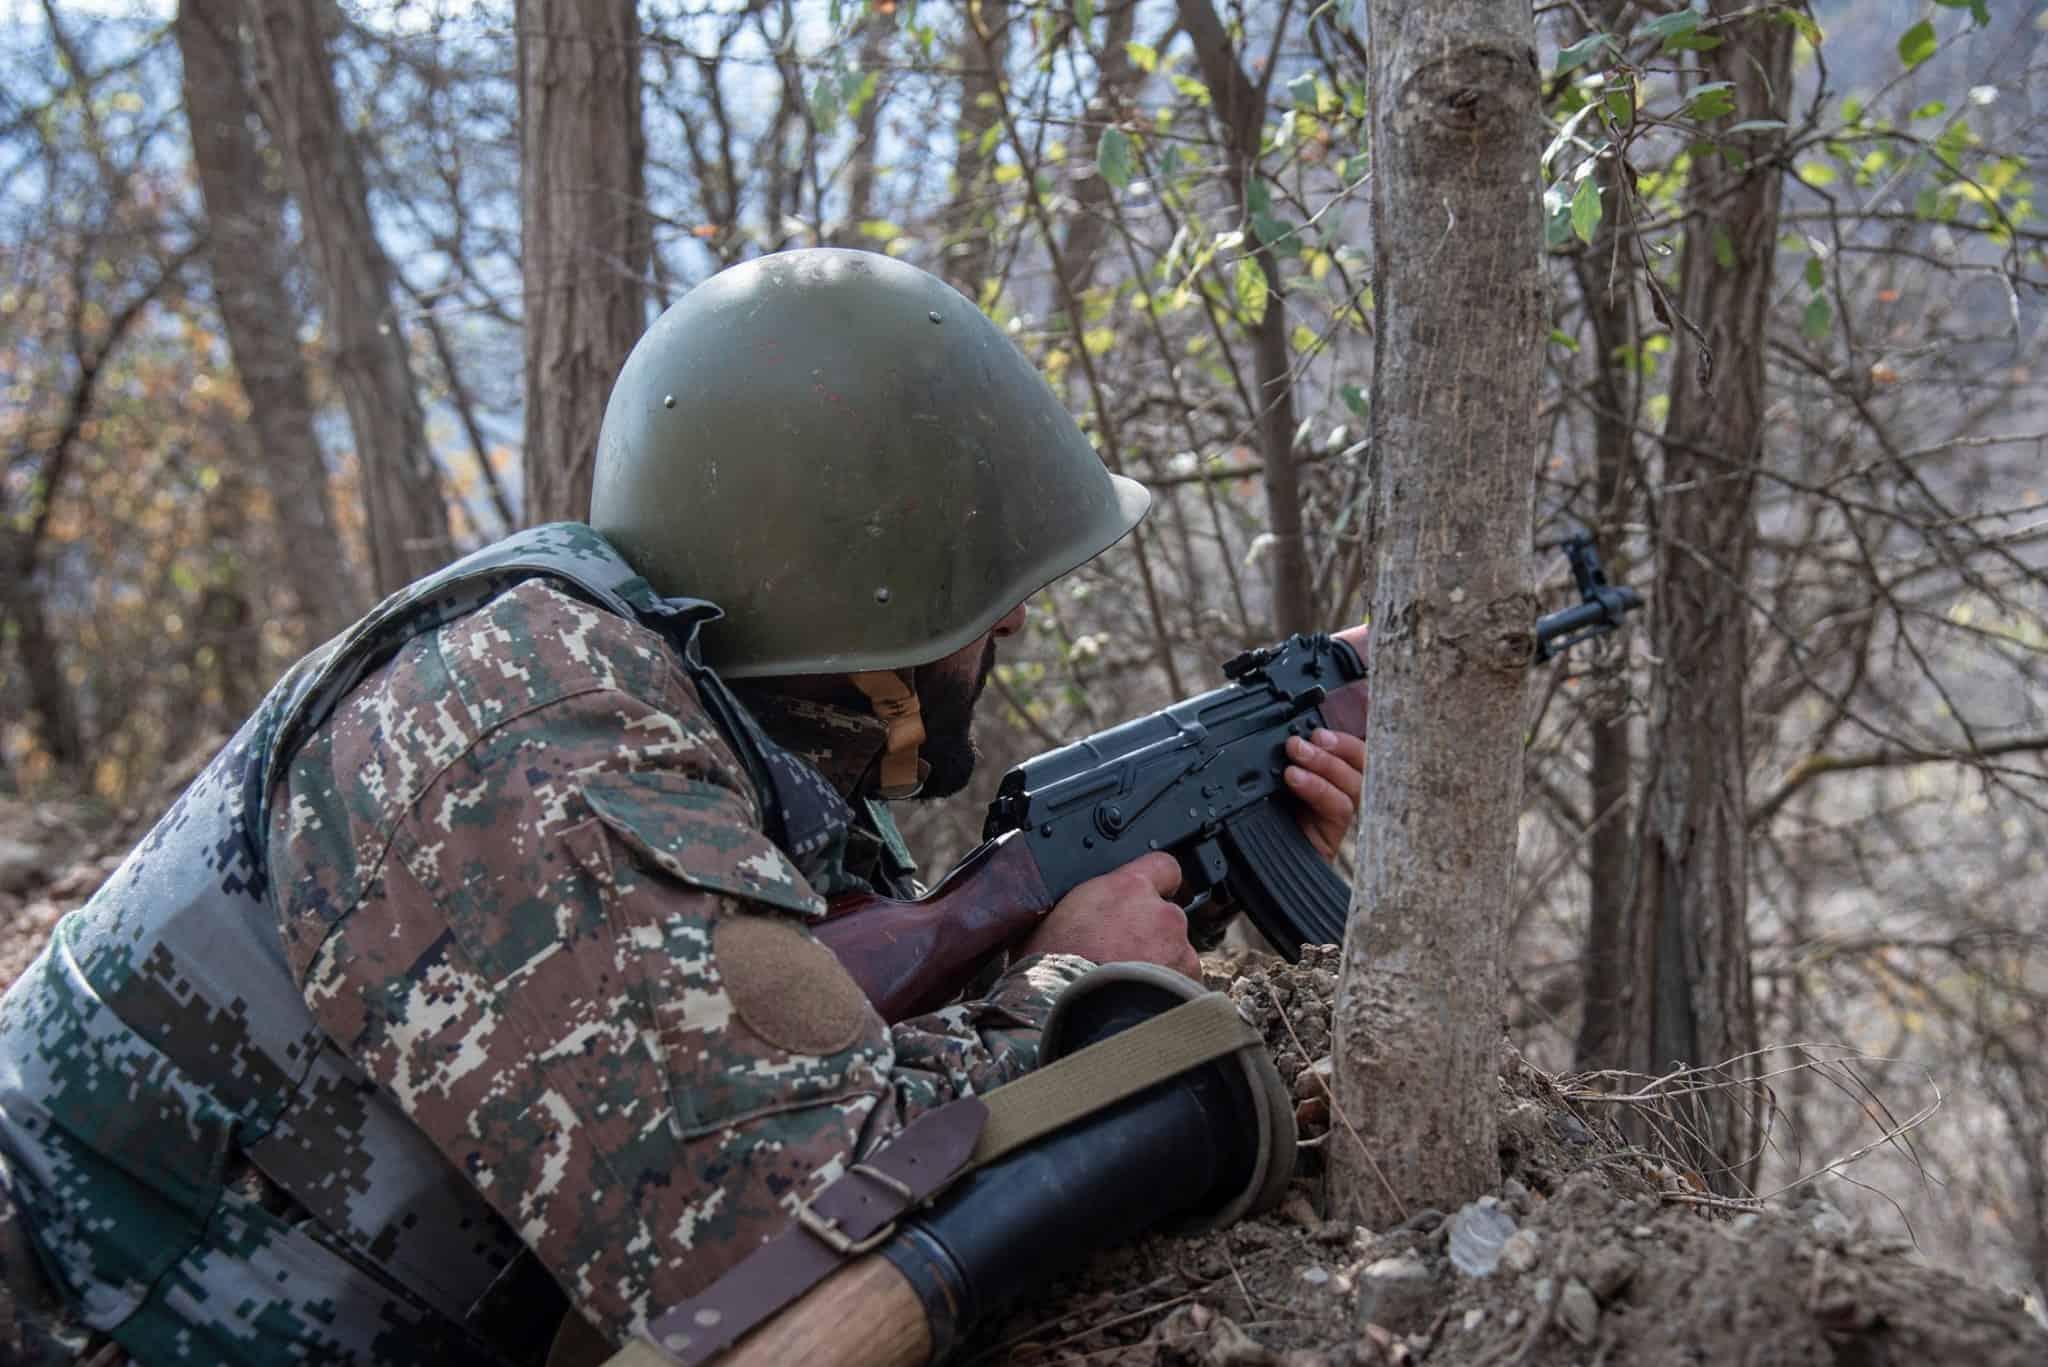 Вірменія заявила про відновлення наступу Азербайджану. Боєць сил Вірменії в Нагірному Карабасі